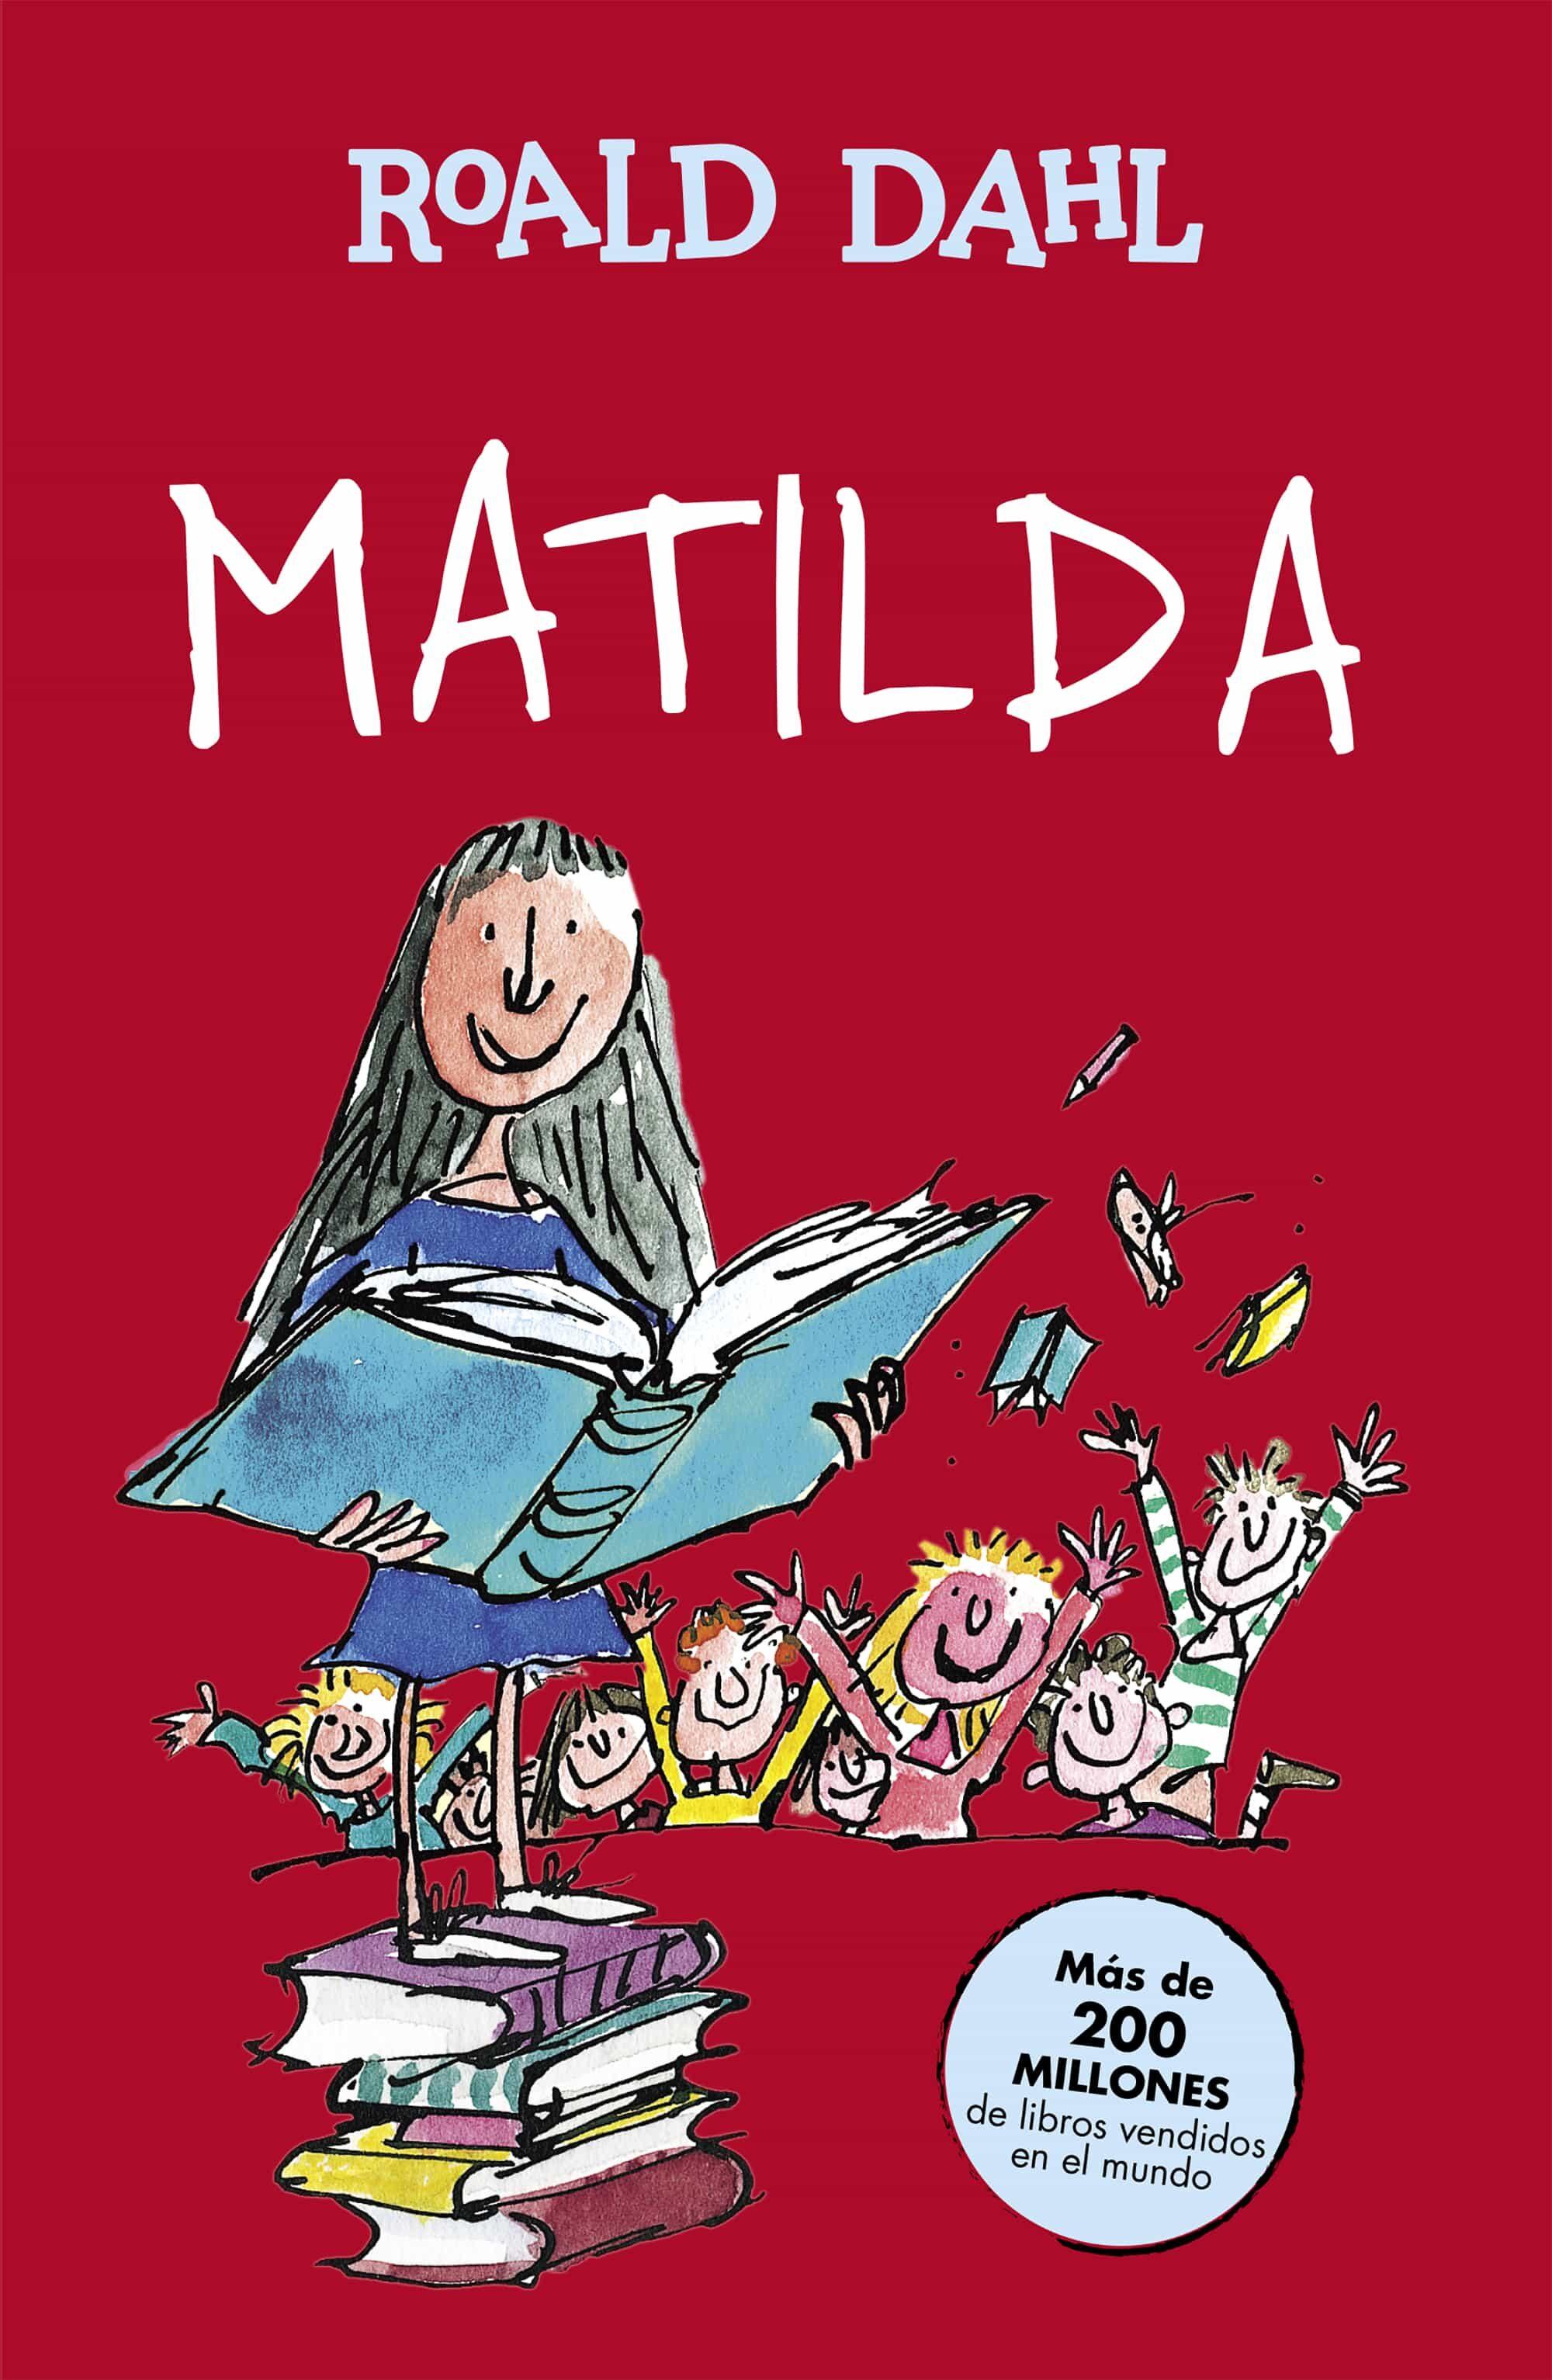 Matilda por Roald Dahl